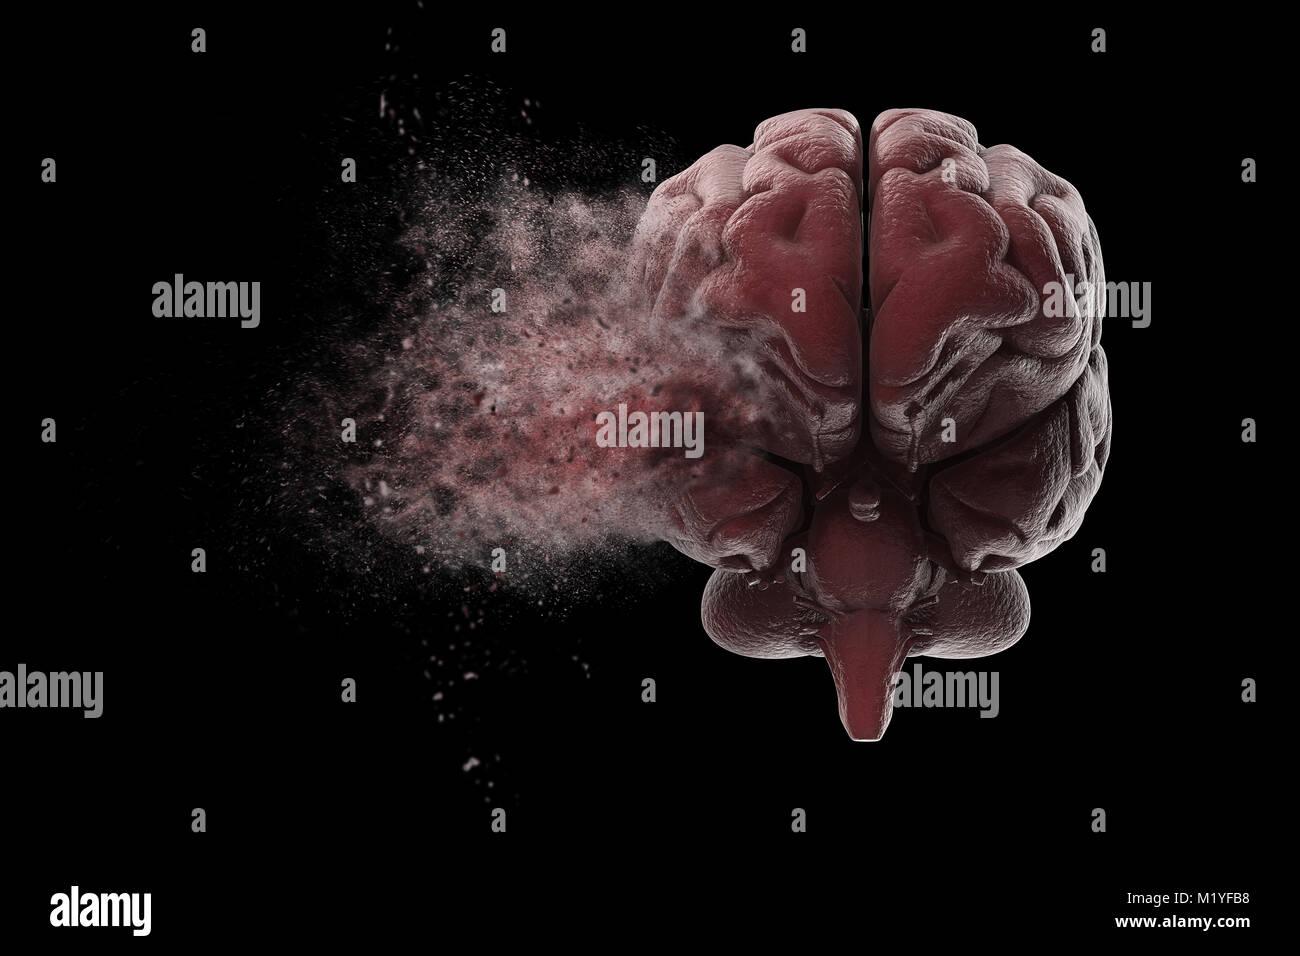 Cerveau humain multiplient sur fond noir. 3D illustration Photo Stock